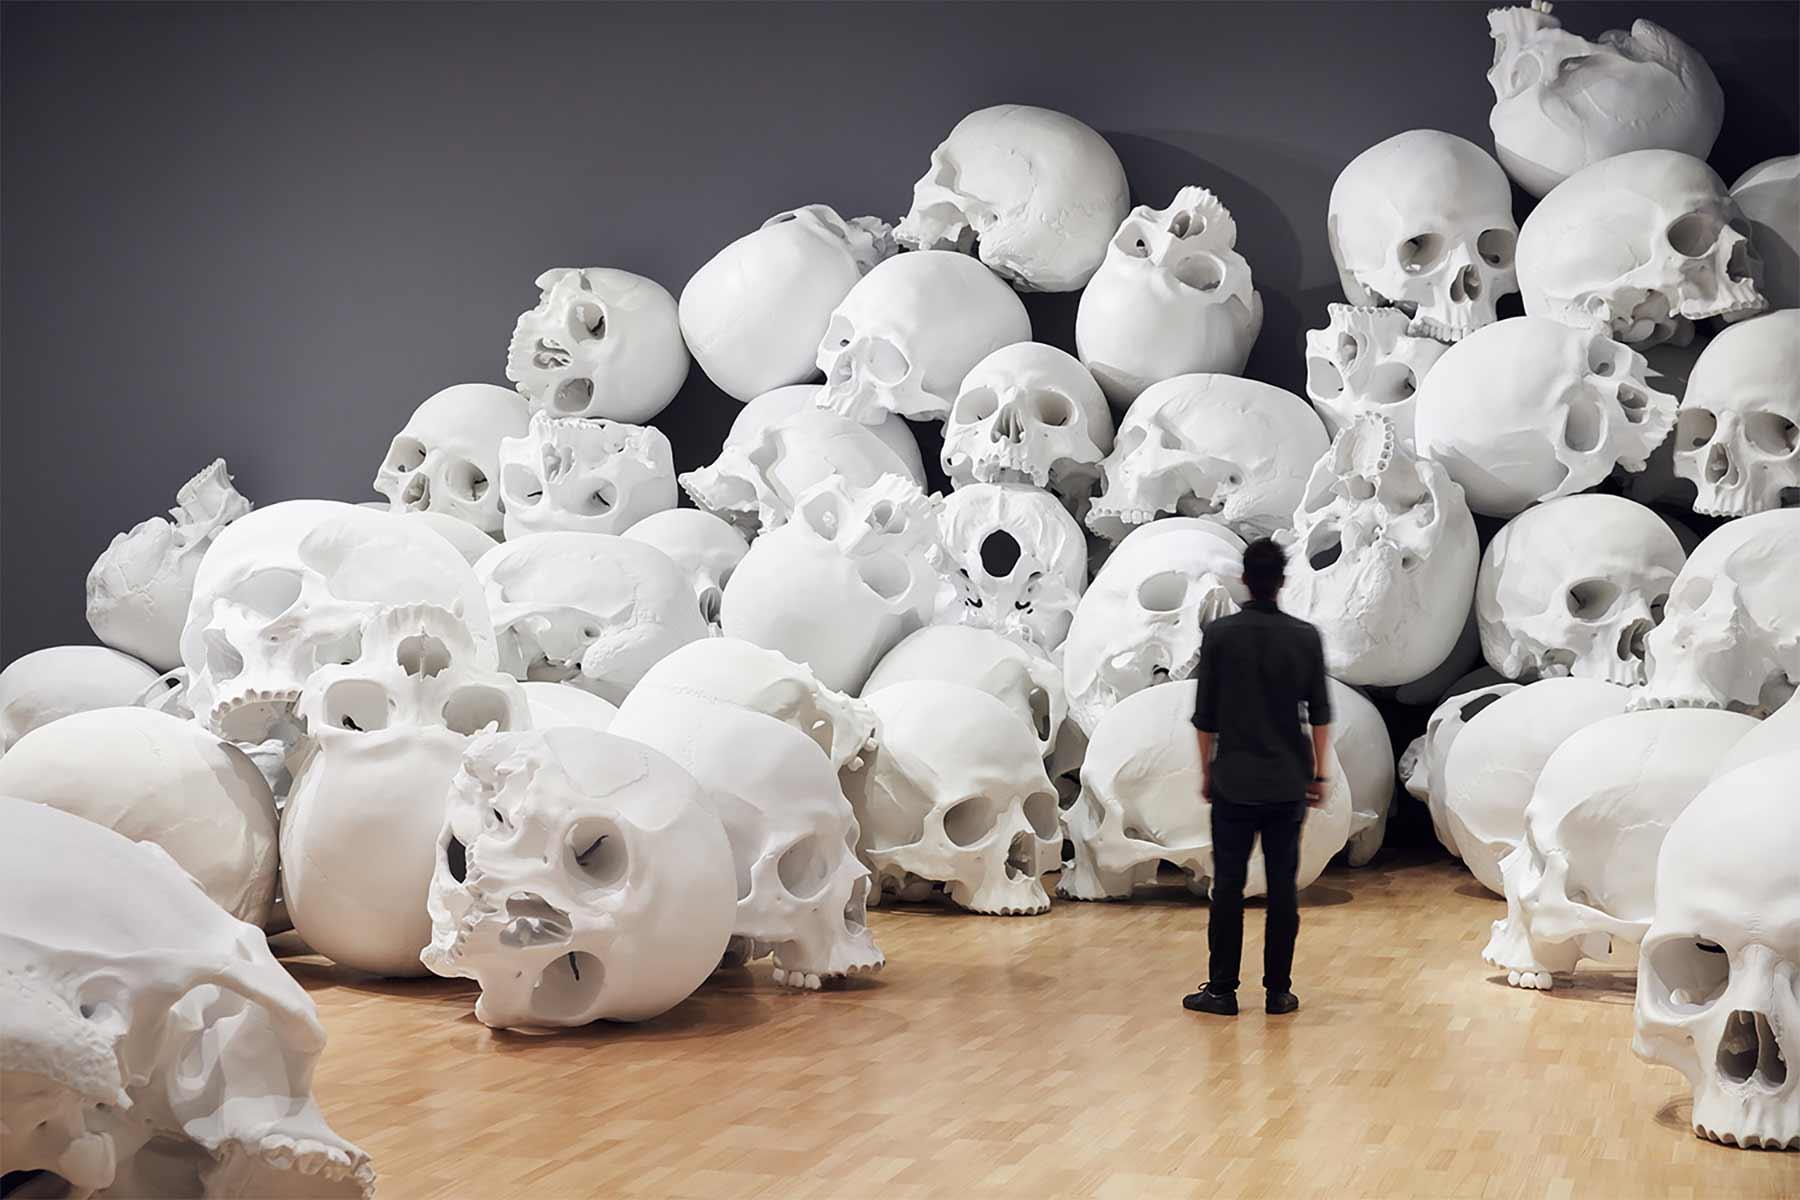 Raum der 100 gigantischen Schädel